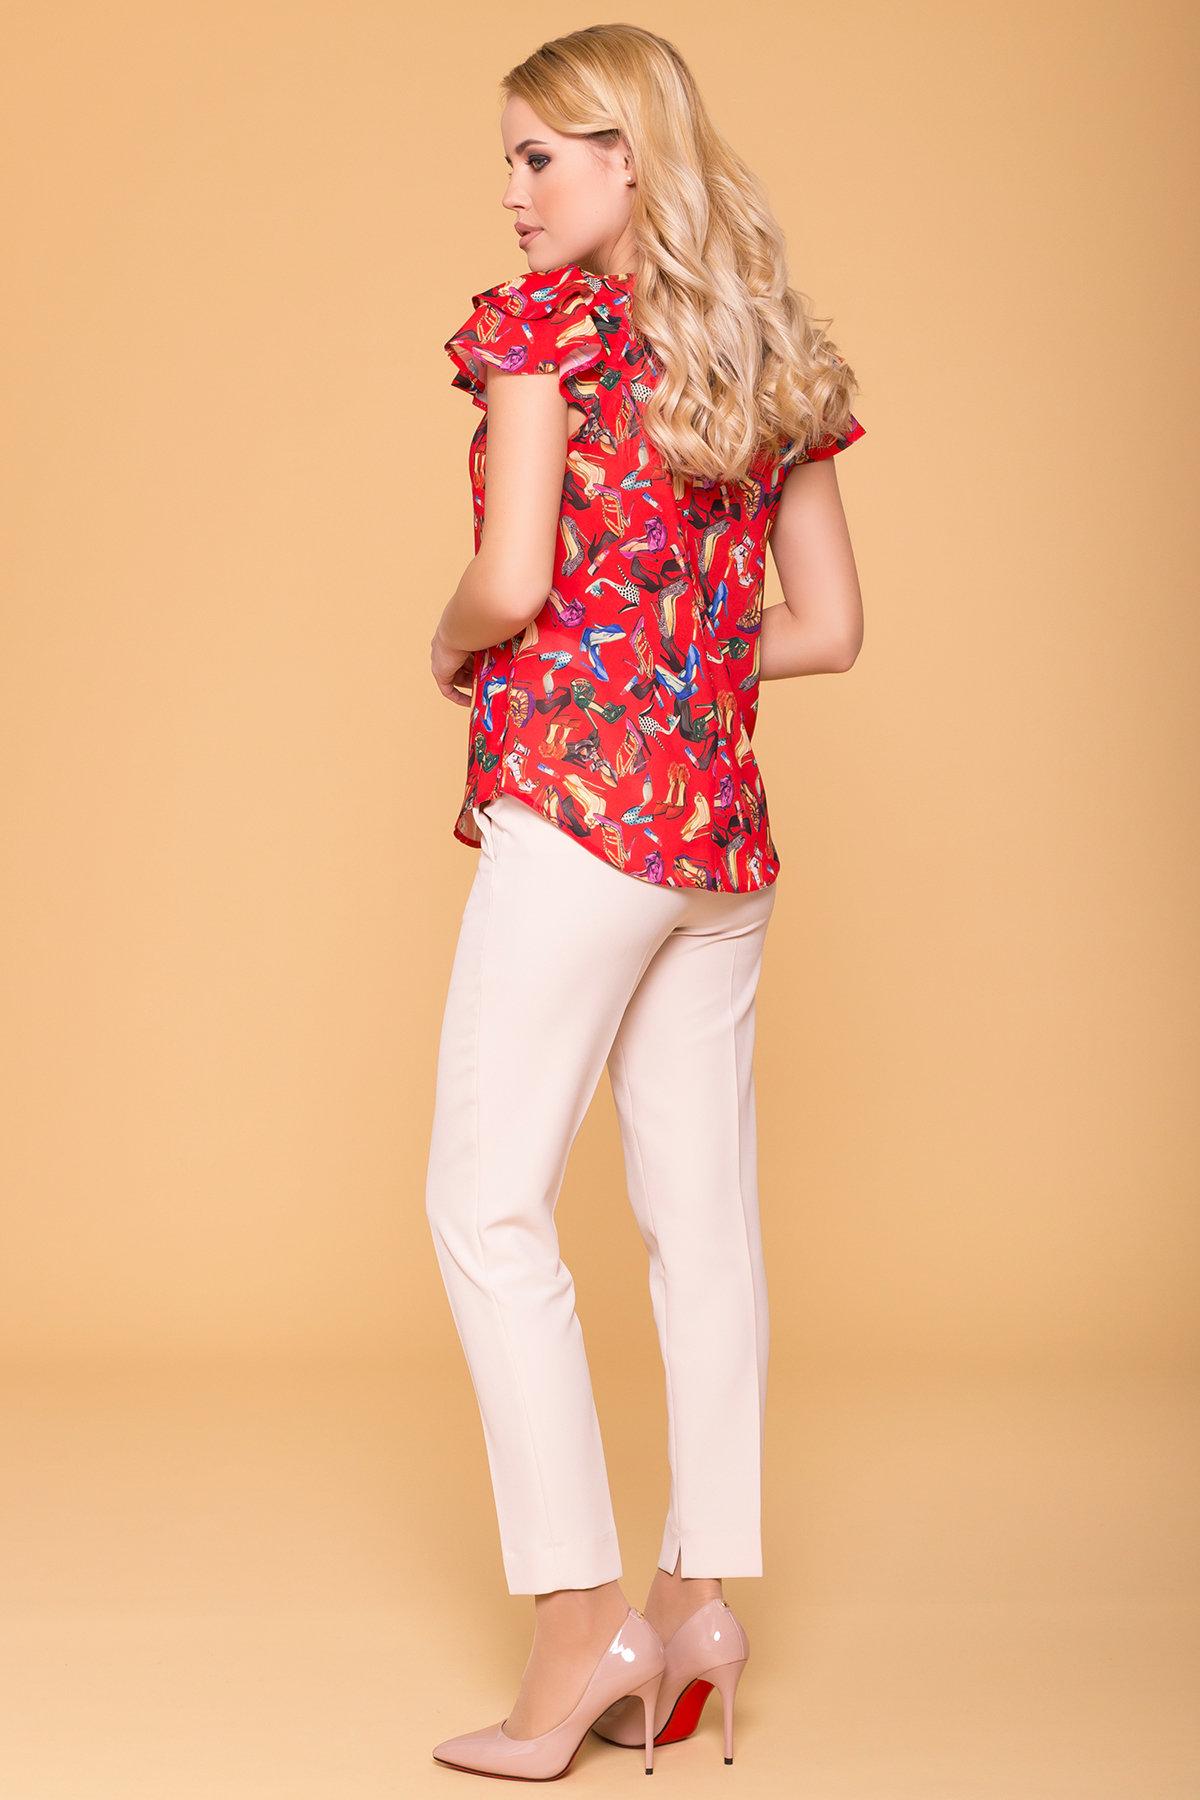 Блуза с принтом Инканто 3916 АРТ. 41403 Цвет: Красный Женская  обувь - фото 2, интернет магазин tm-modus.ru